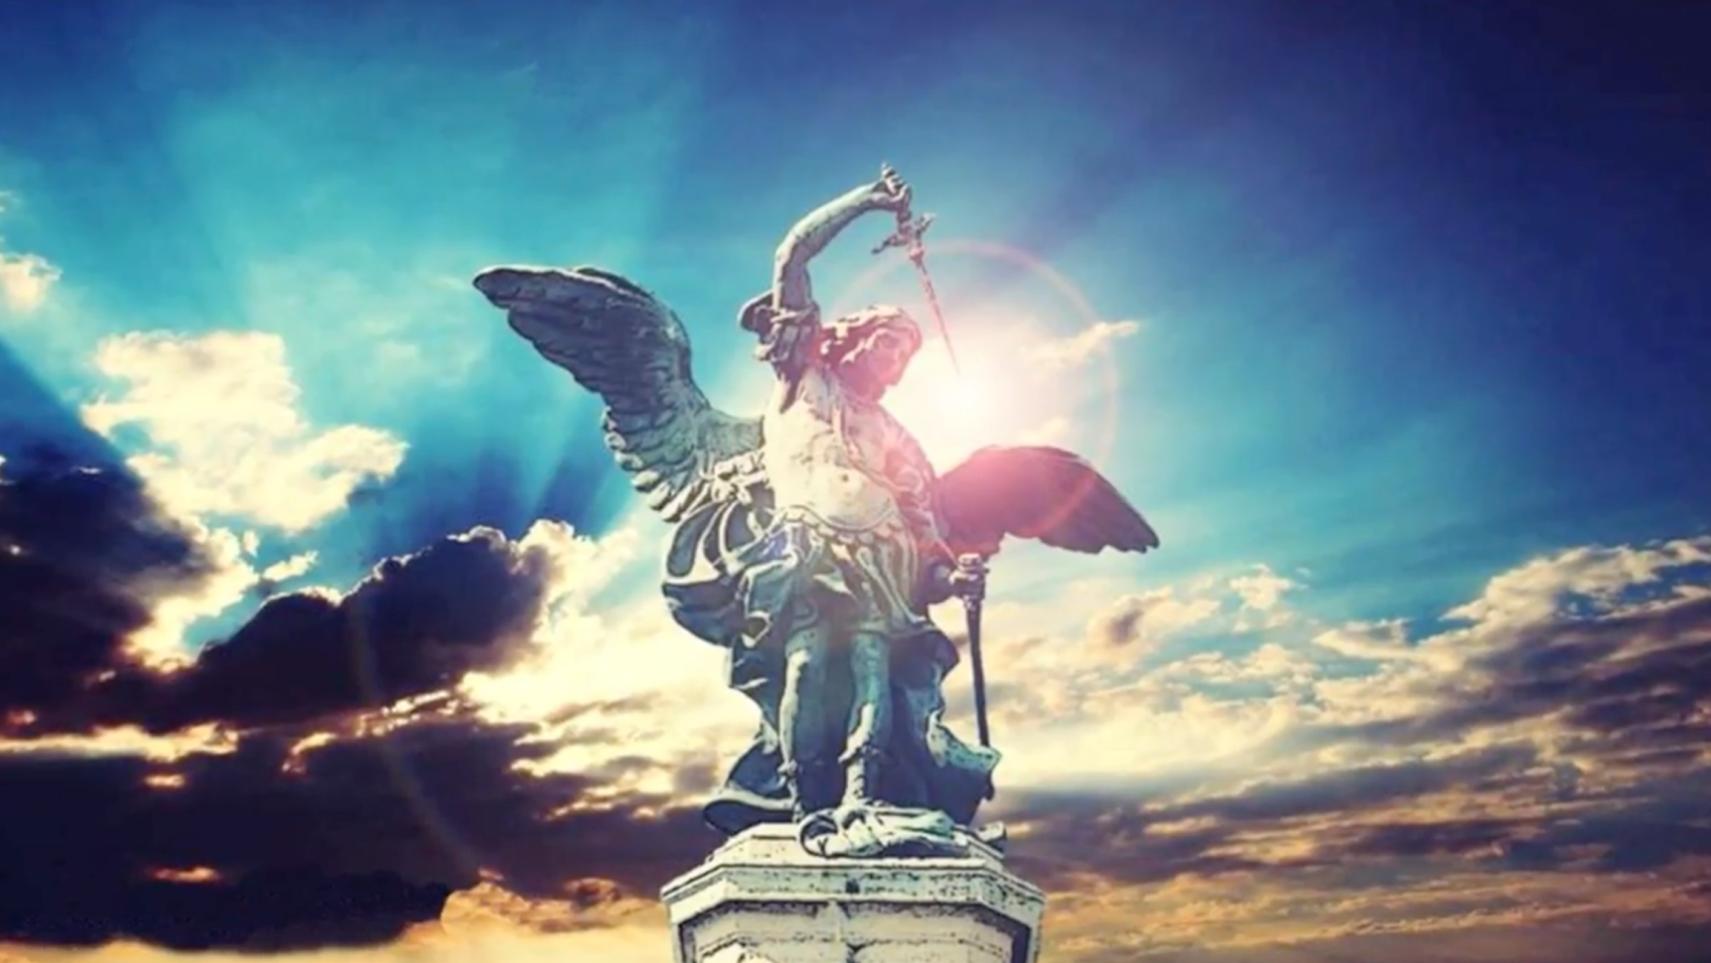 Représentation de l'archange, Saint Michel